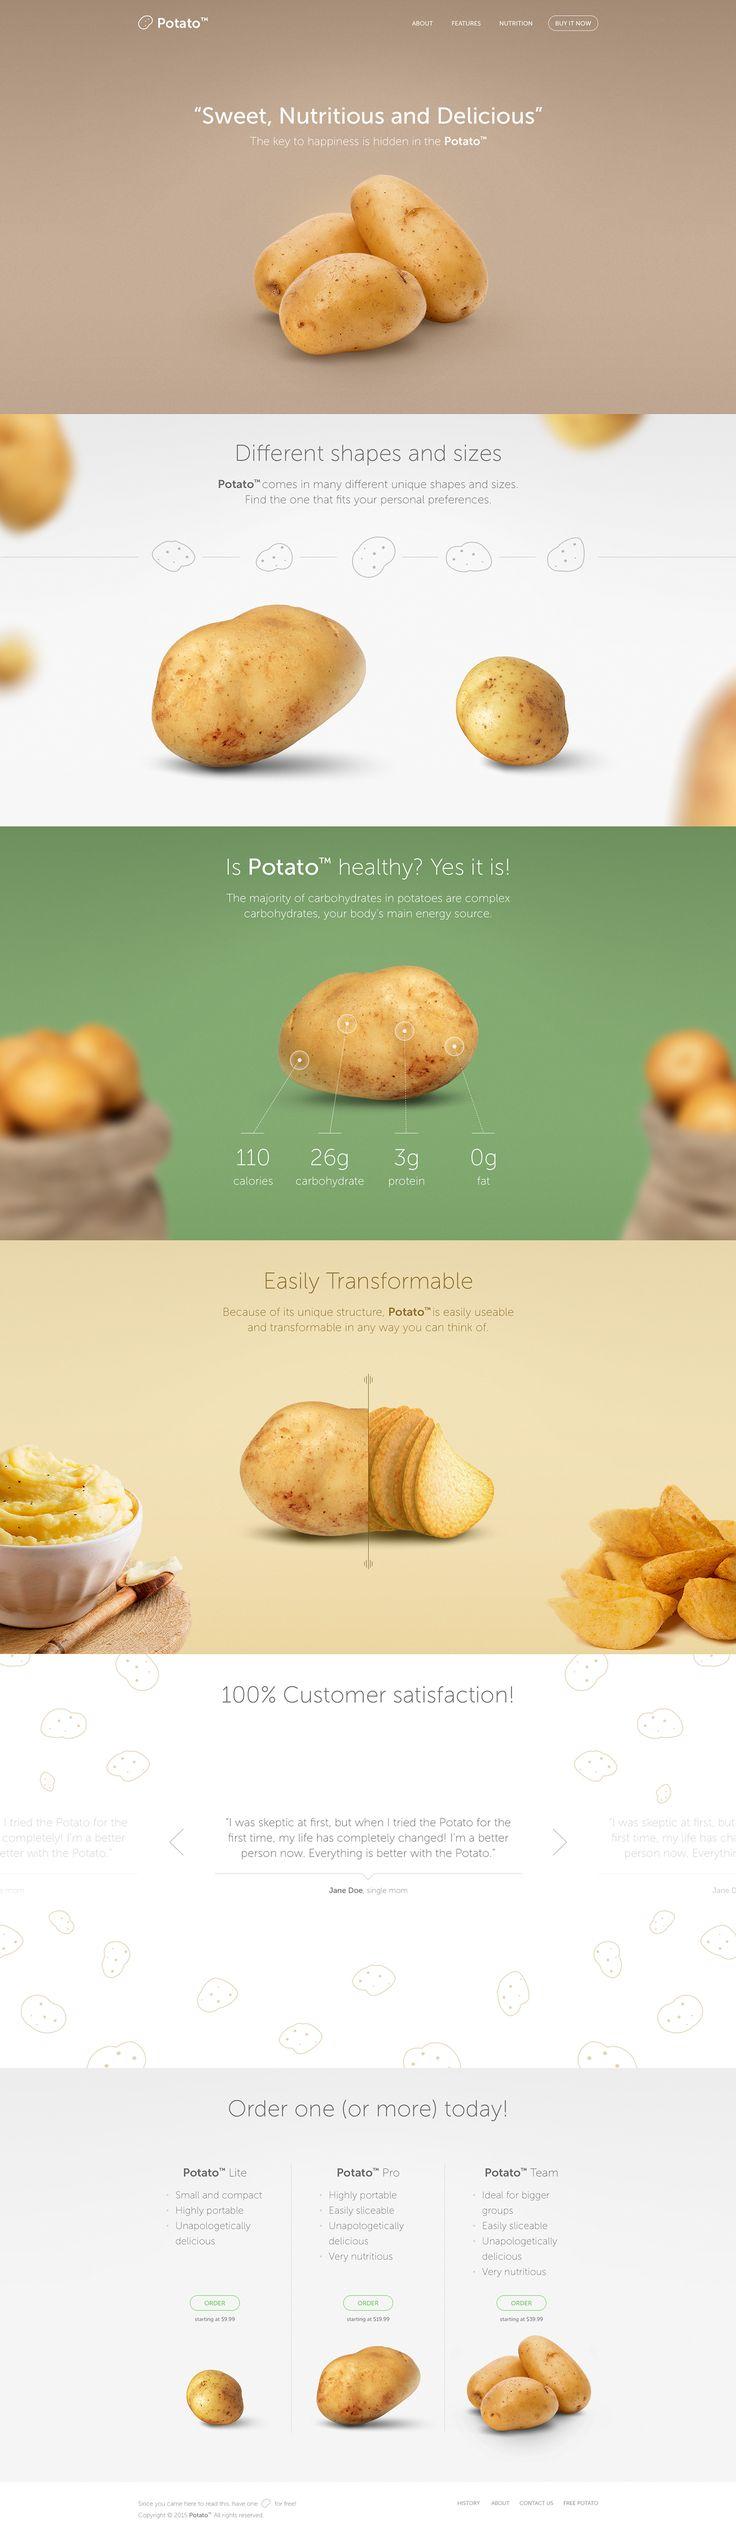 https://www.behance.net/gallery/26538381/Potato-Landing-Page